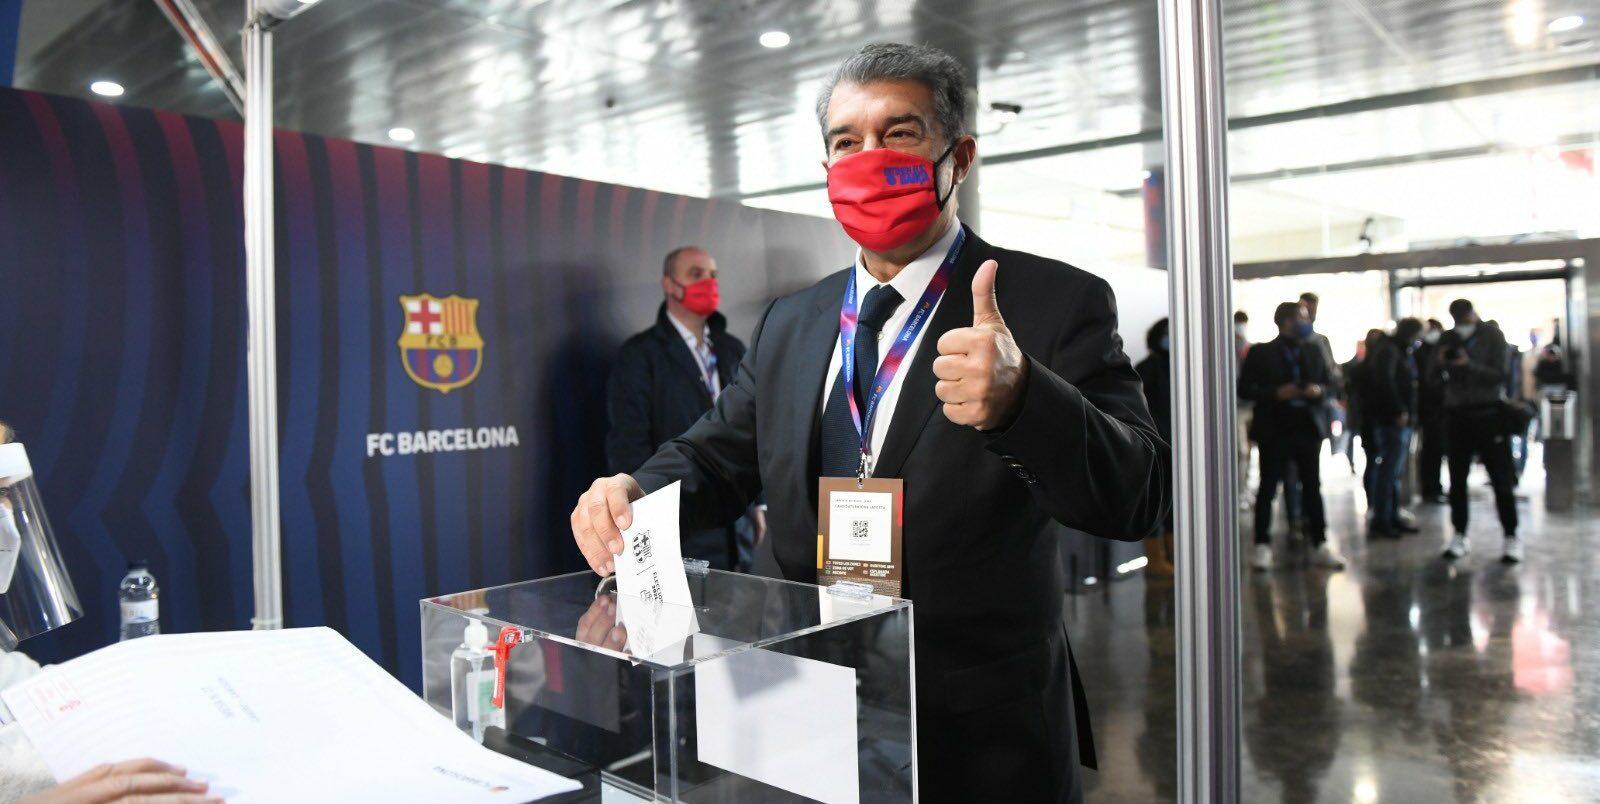 Laporta votant al Camp Nou | Joan Laporta